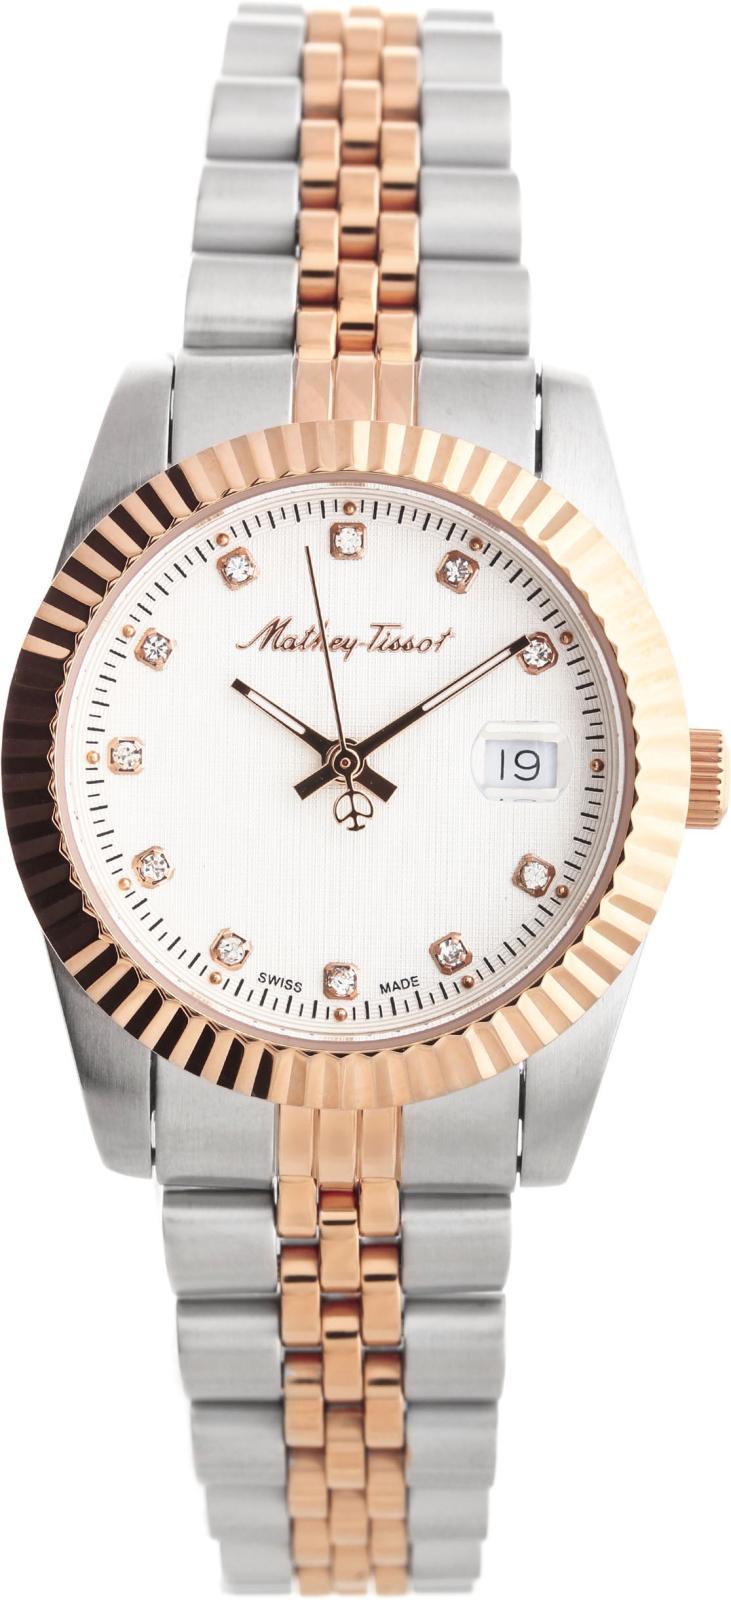 Mathey-Tissot Rolly D810RAНаручные часы<br>Швейцарские часы Mathey-Tissot Rolly D810RA<br><br>Пол: Женские<br>Страна-производитель: Швейцария<br>Механизм: Кварцевый<br>Материал корпуса: Сталь<br>Материал ремня/браслета: Сталь<br>Водозащита, диапазон: None<br>Стекло: Минеральное<br>Толщина корпуса: None<br>Стиль: None